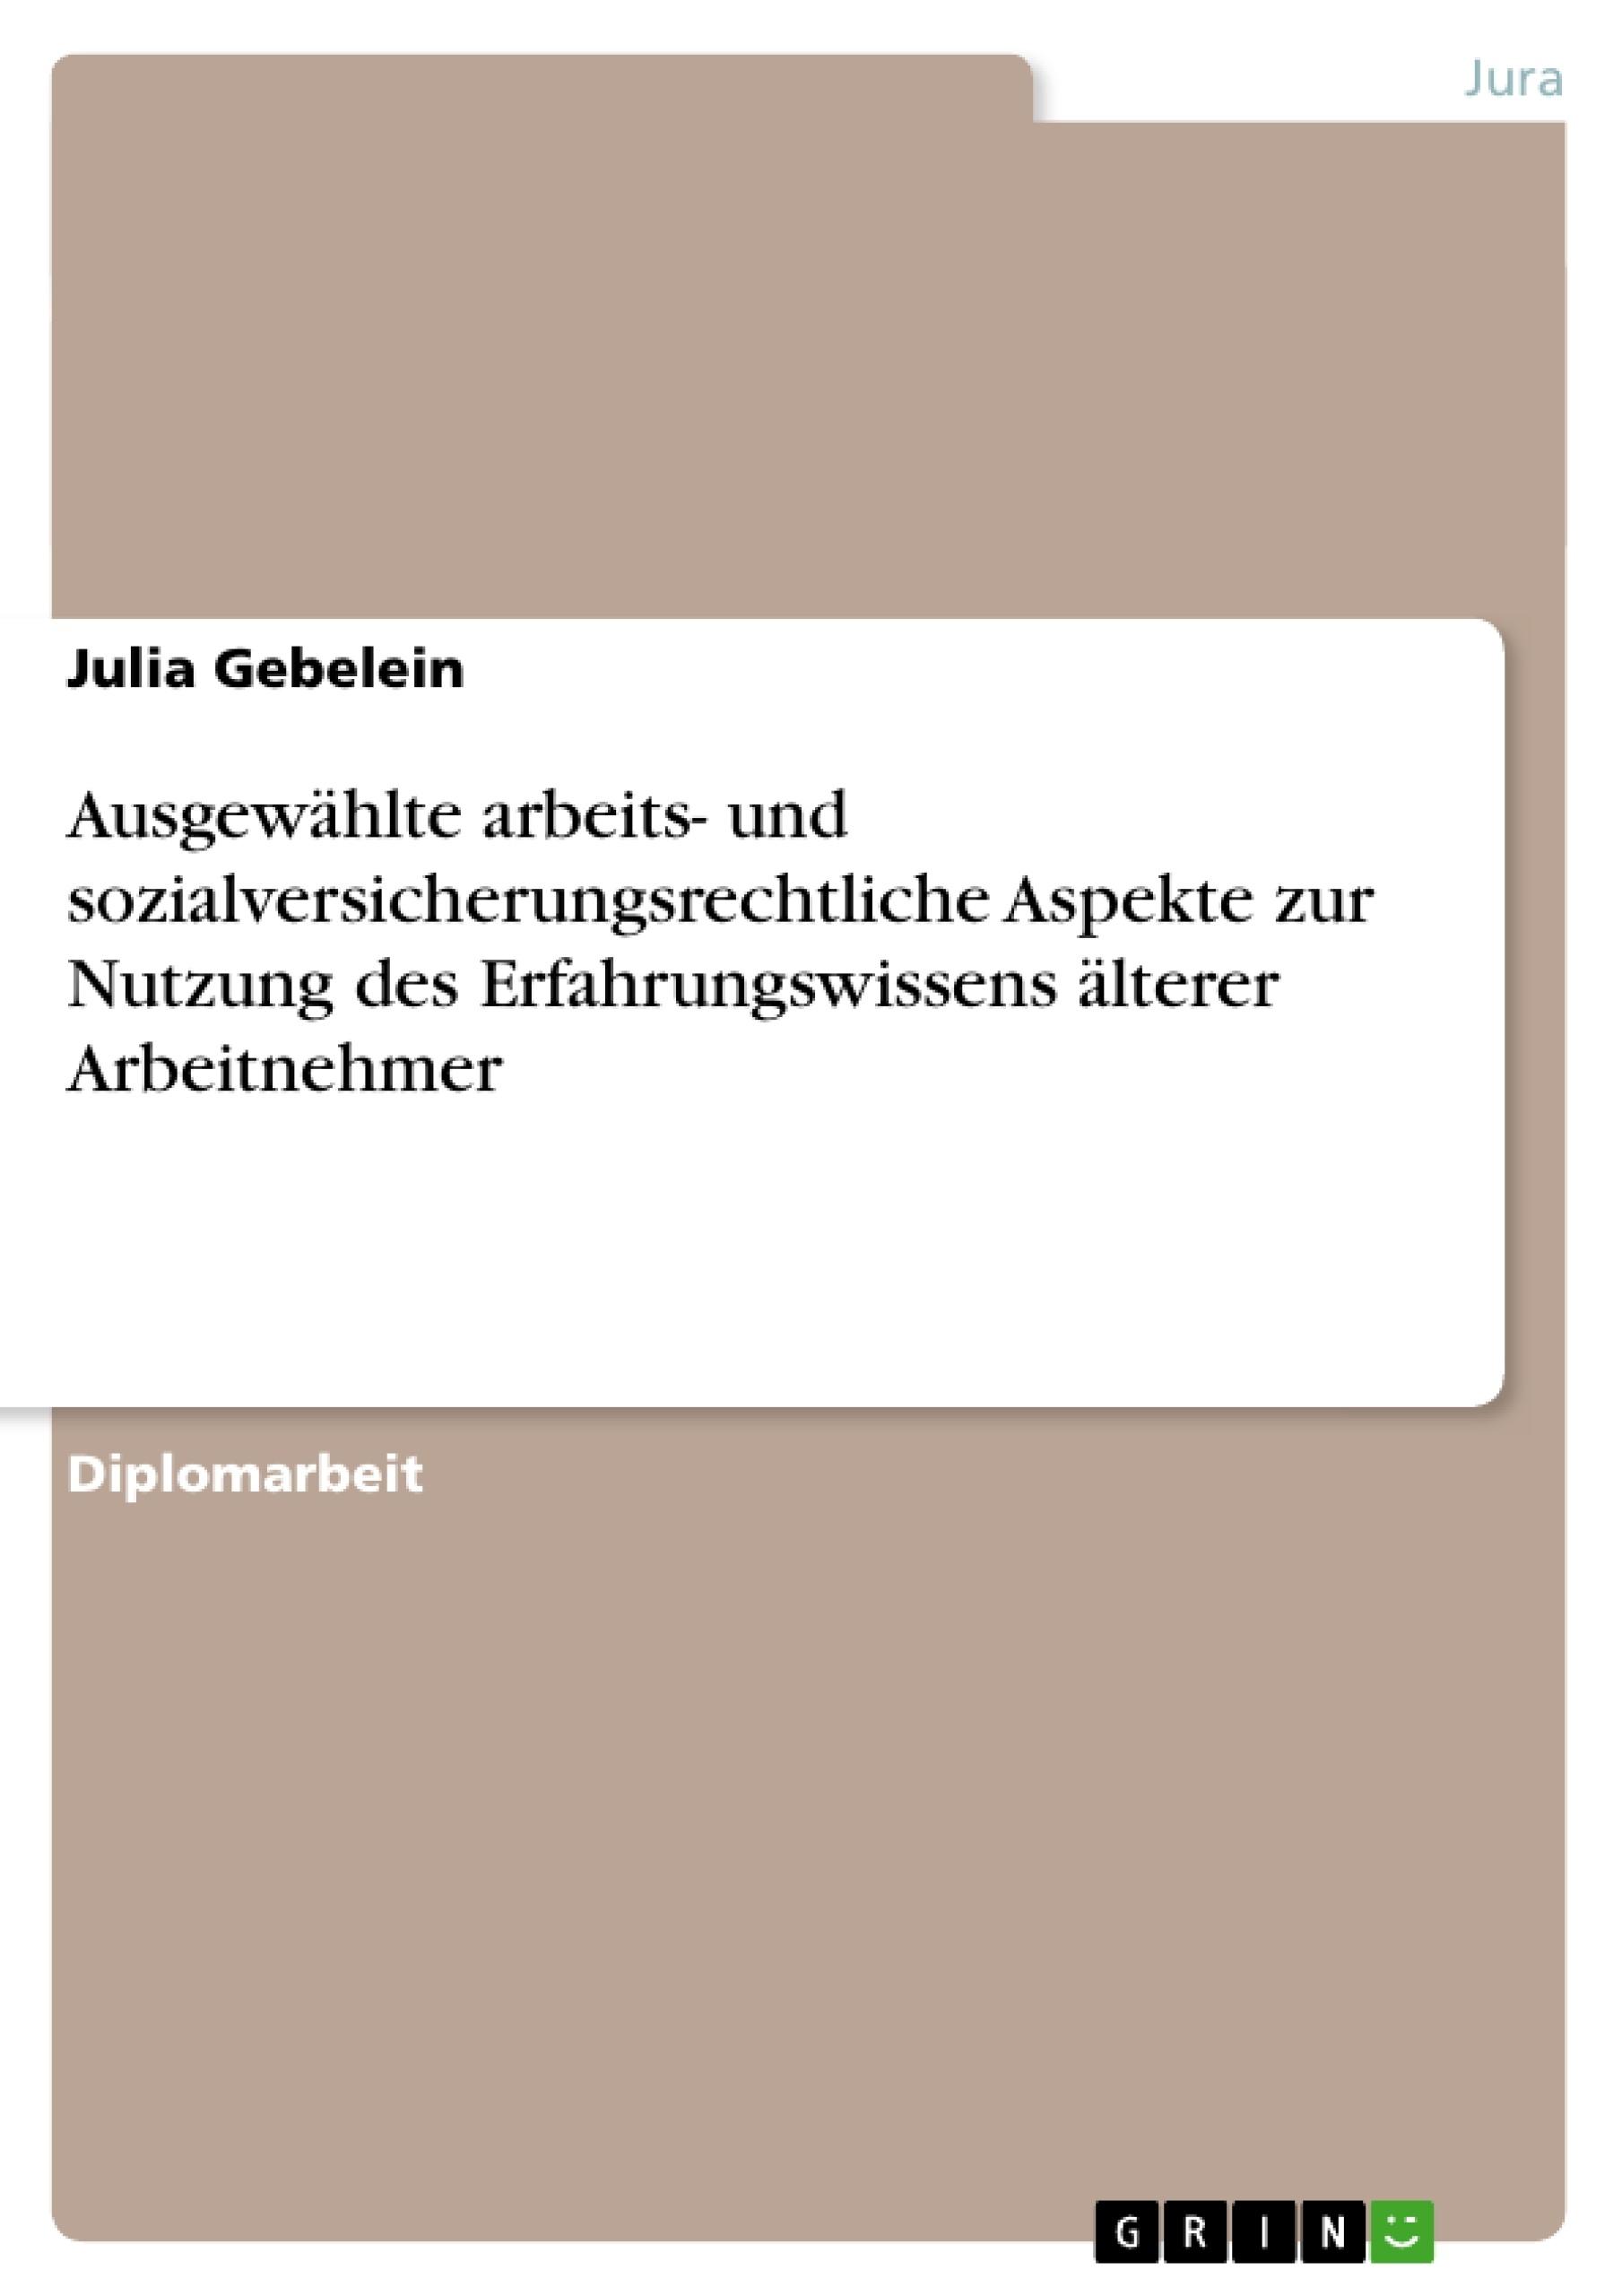 Titel: Ausgewählte arbeits- und sozialversicherungsrechtliche Aspekte zur Nutzung des Erfahrungswissens älterer Arbeitnehmer